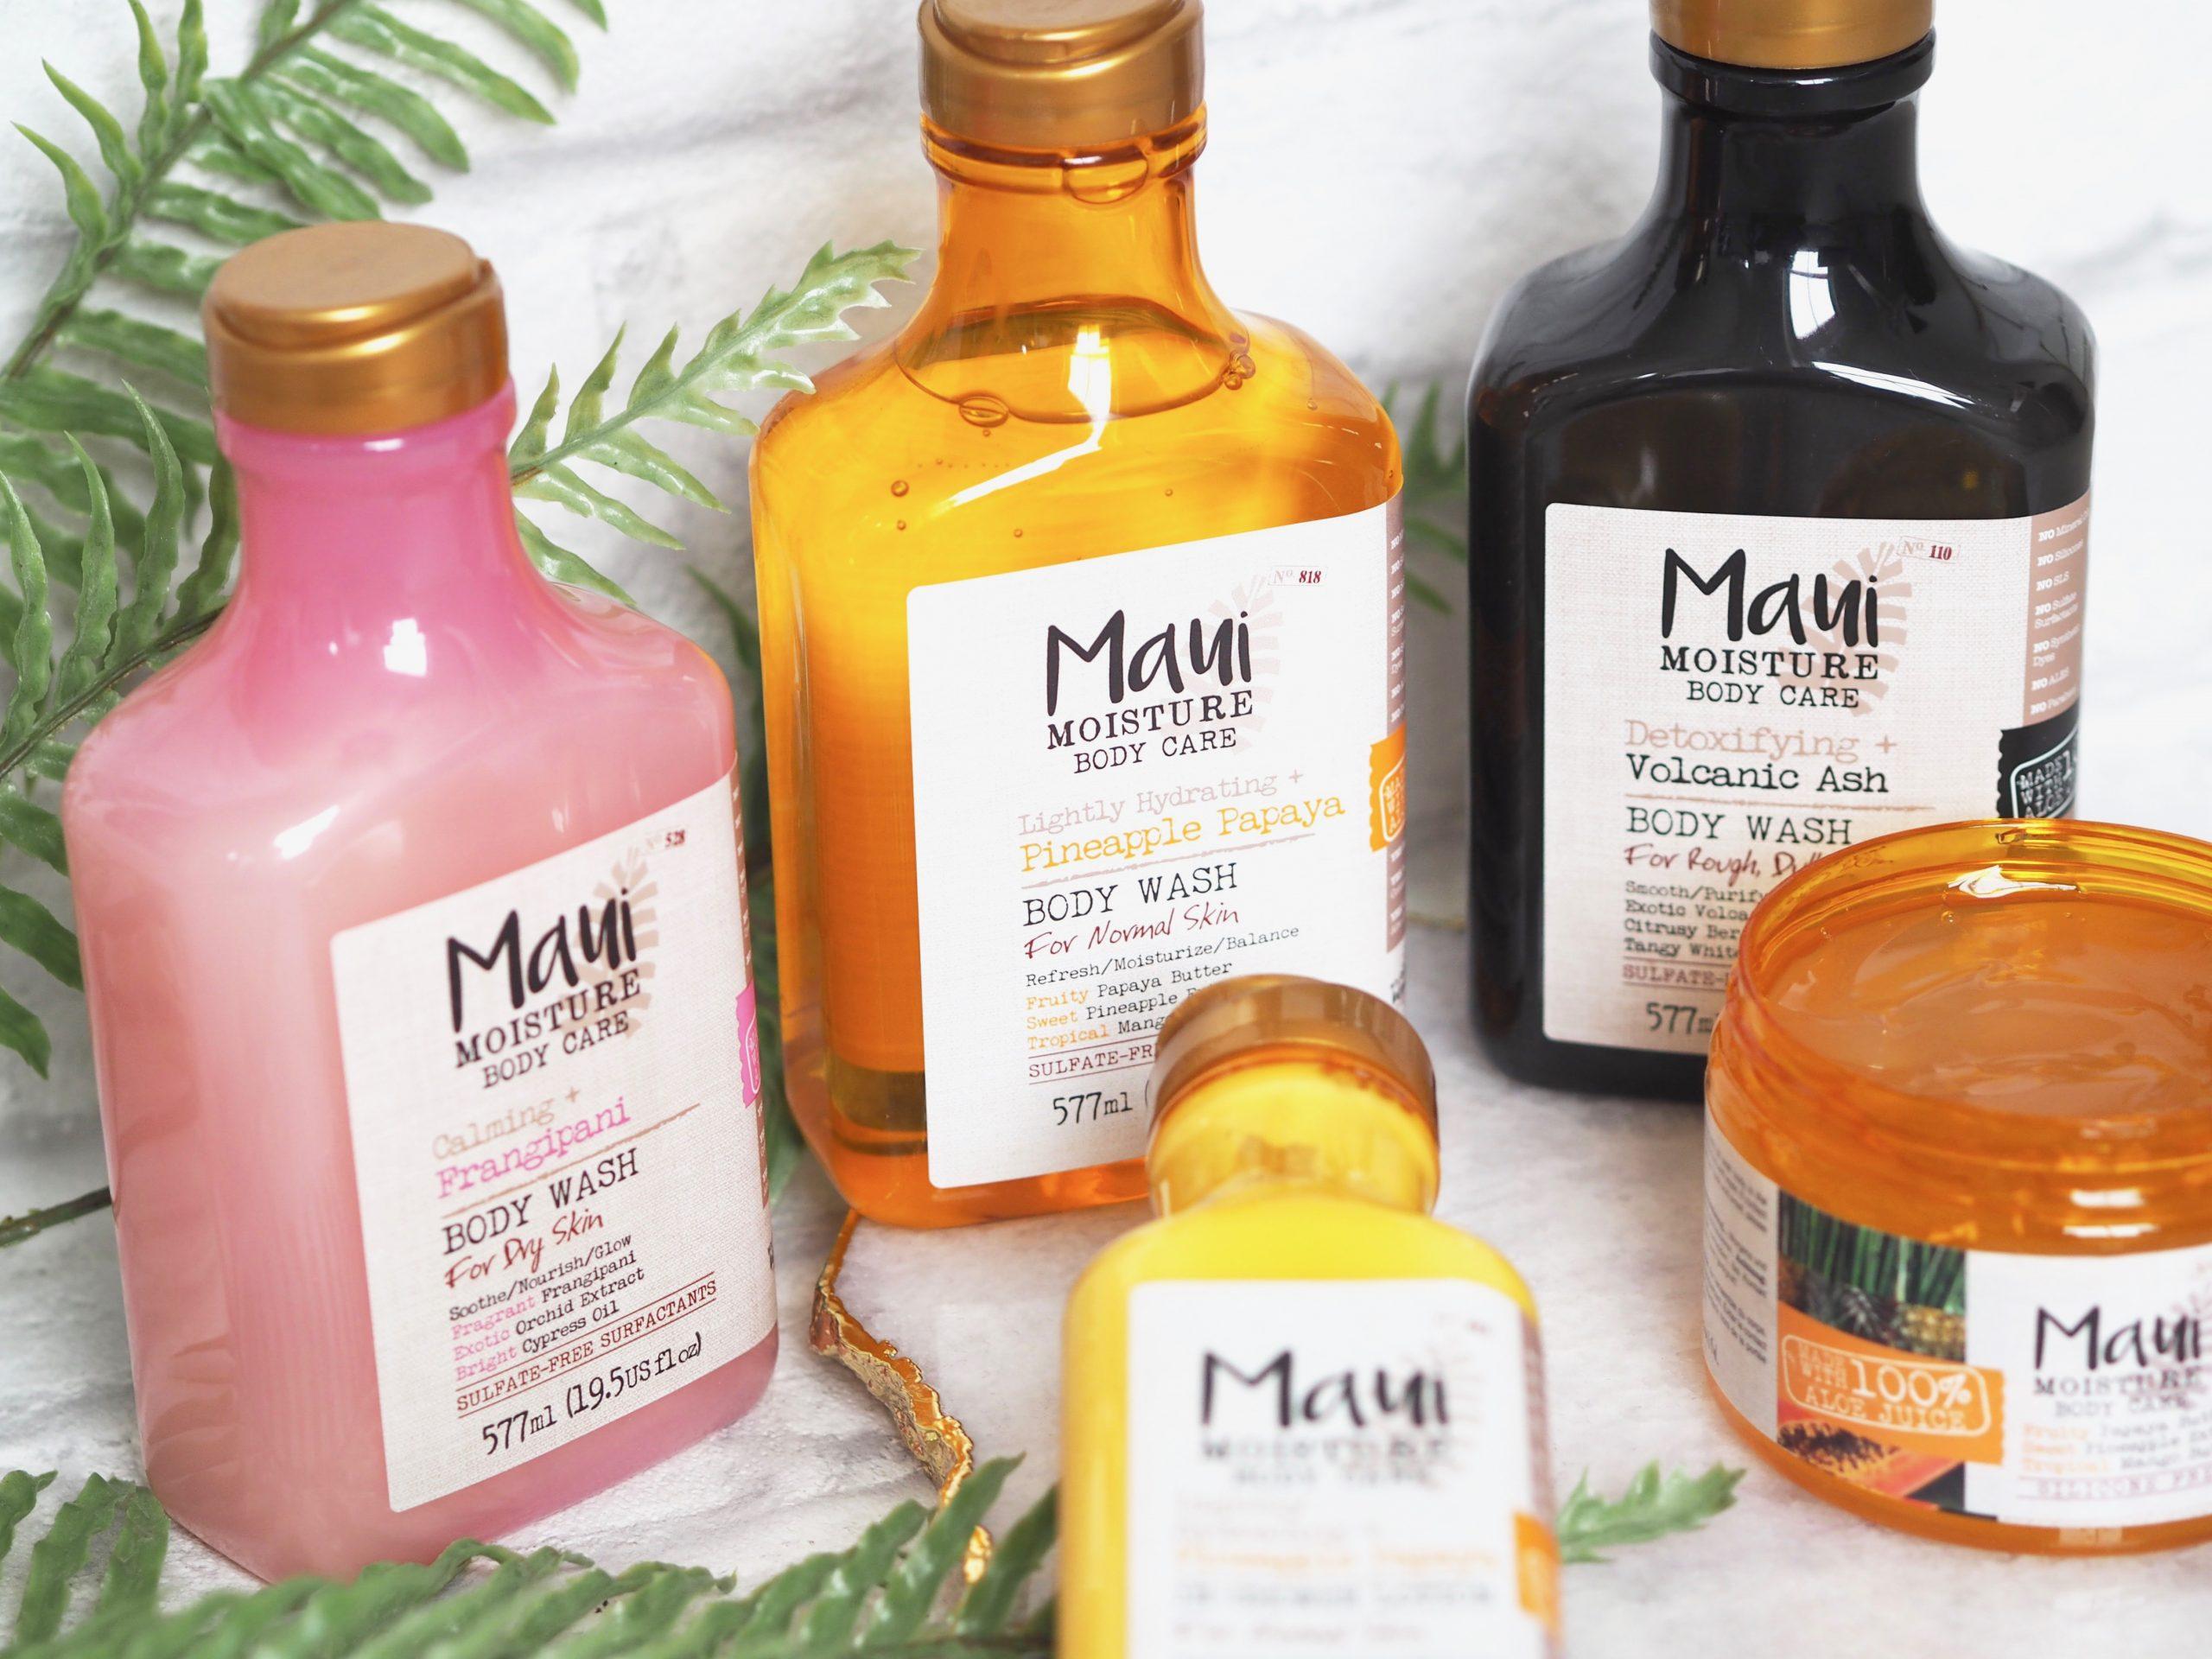 Maui Moisture Body Care Review